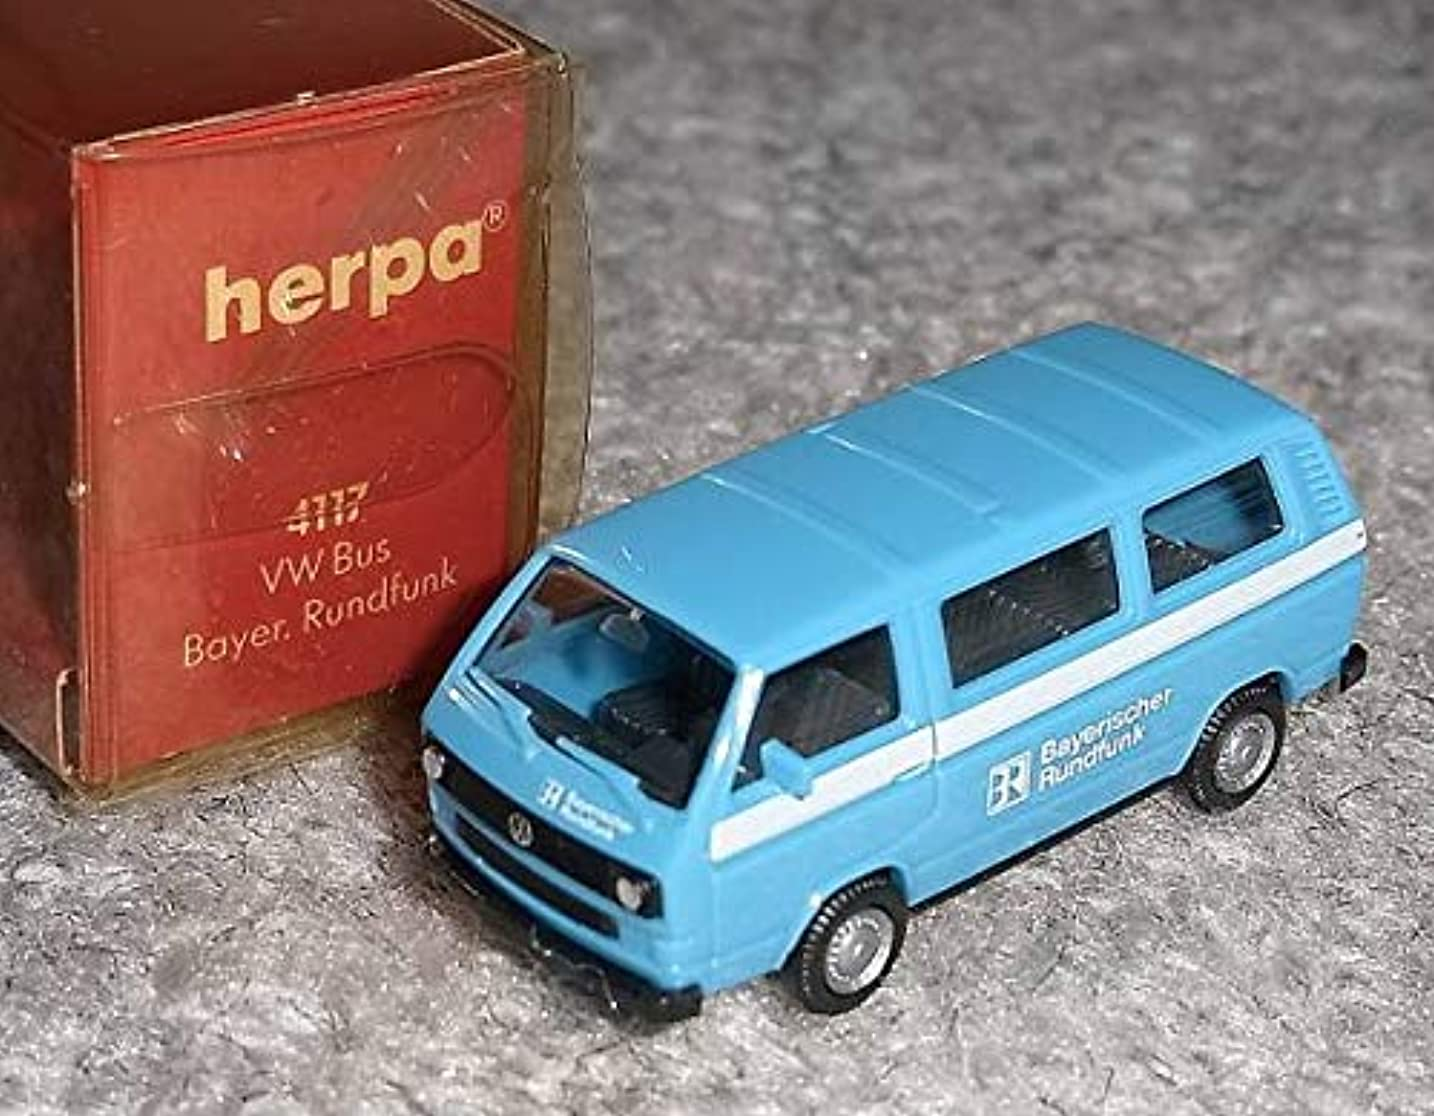 あたりカリング1/87 VW BUS Bayer Rudfunk バス 青白 ミニカー